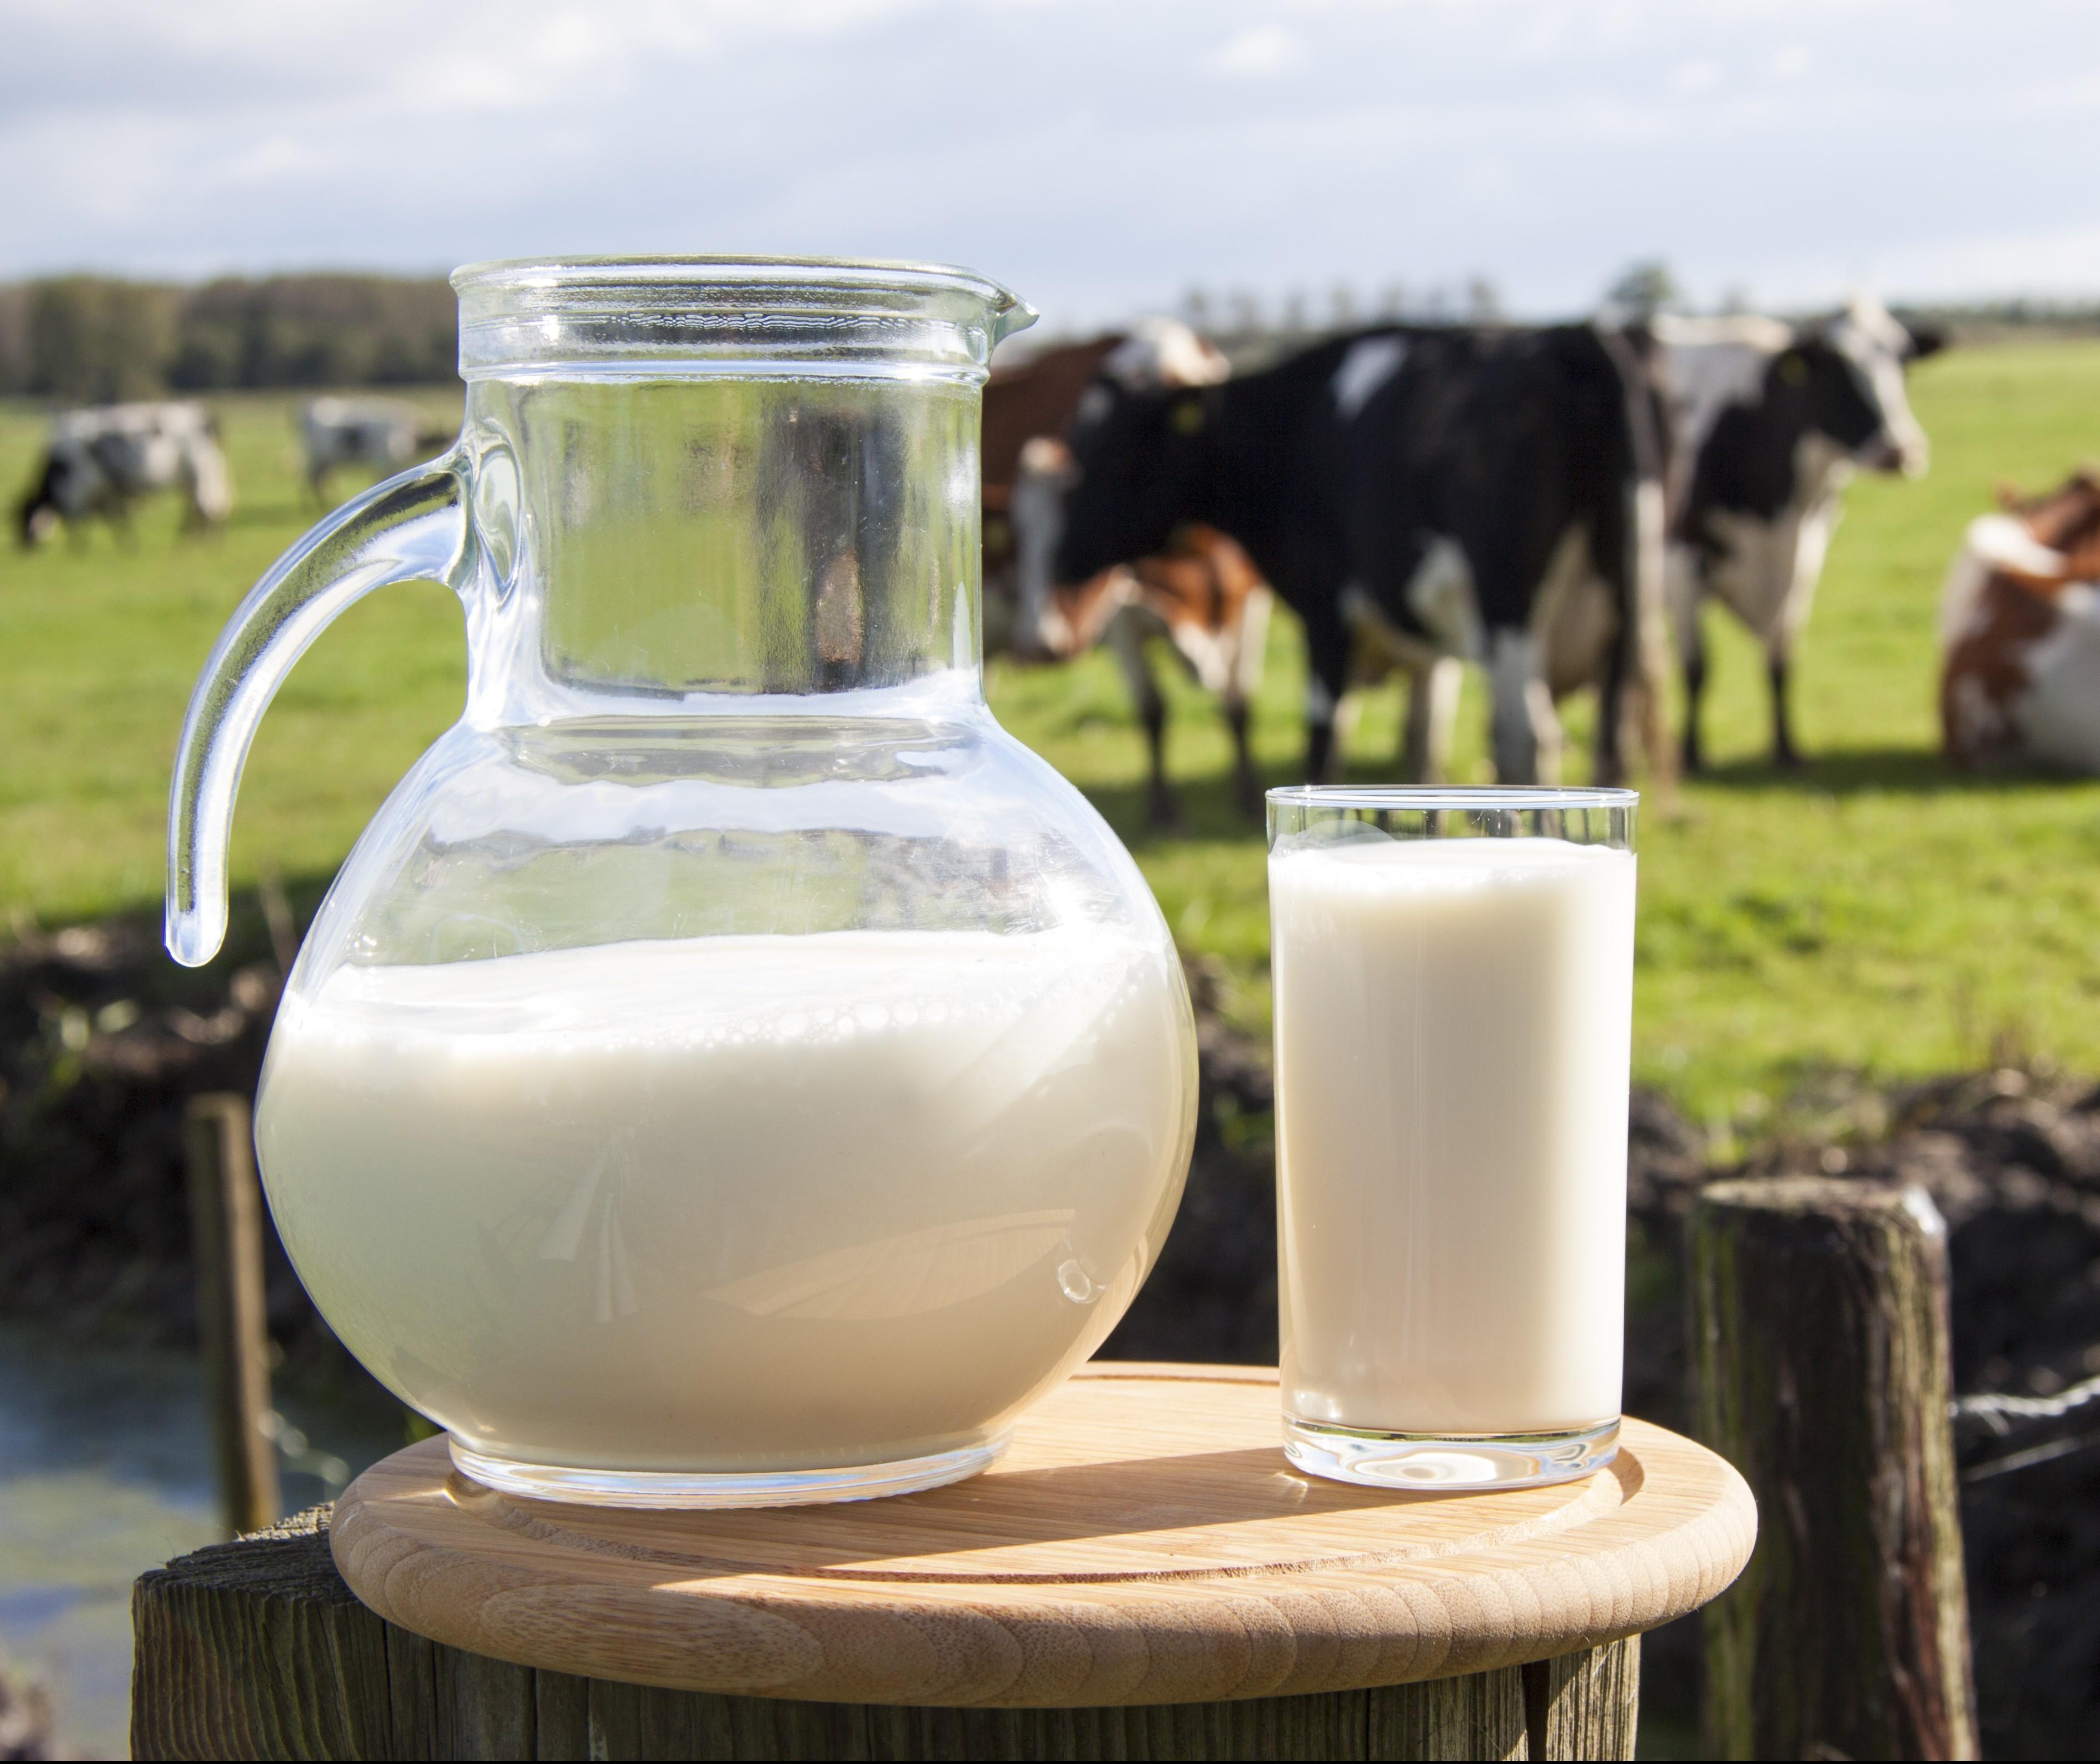 Custos da pecuária leiteira subiram 3,6% em 2019, em relação a 2018